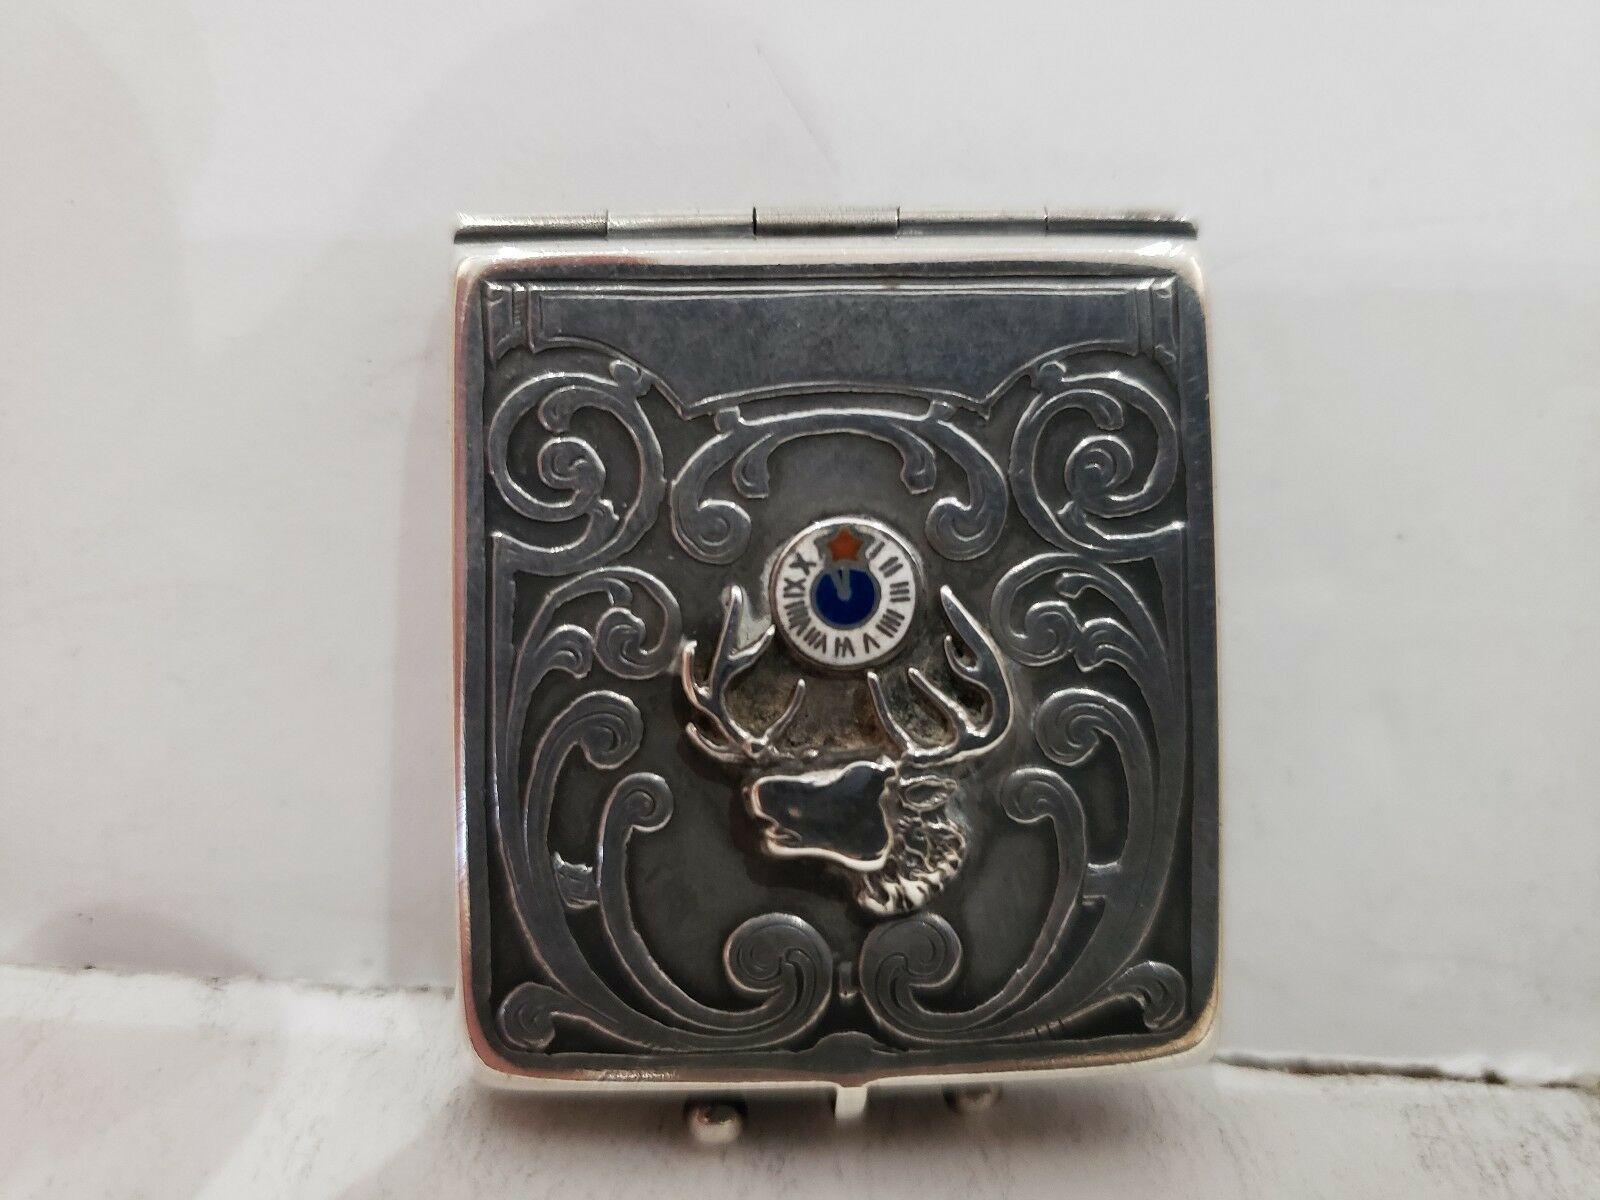 Antique Fraternal Elks BPOE Sterling Silver Card Case / Enameled Plague -1900's image 3